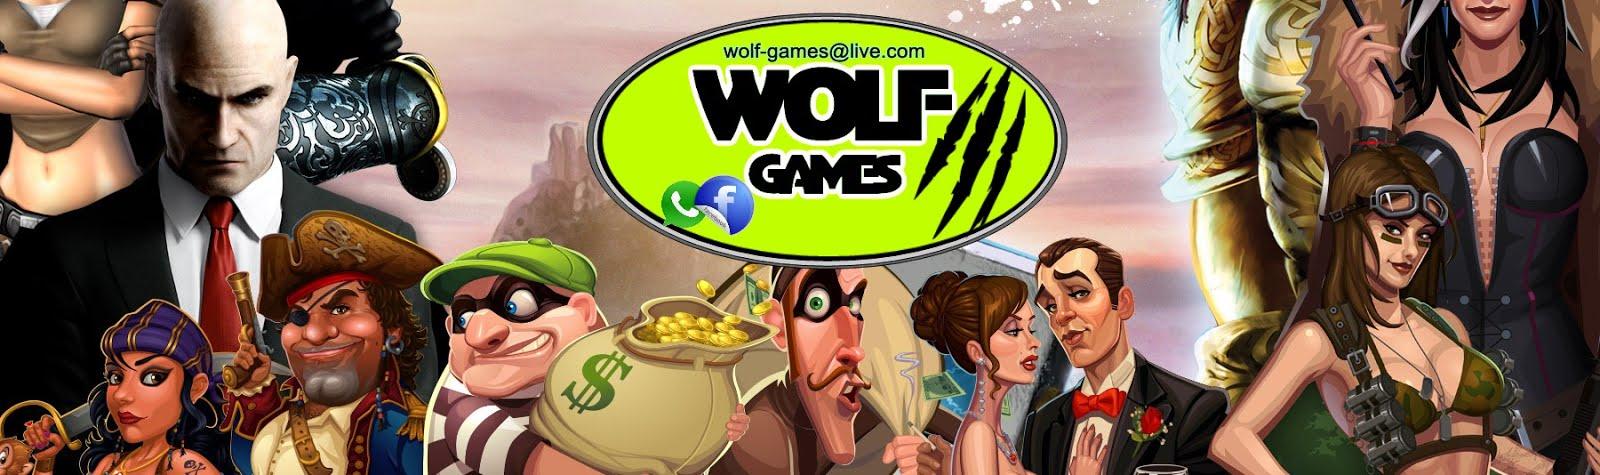 juegos tragamonedas